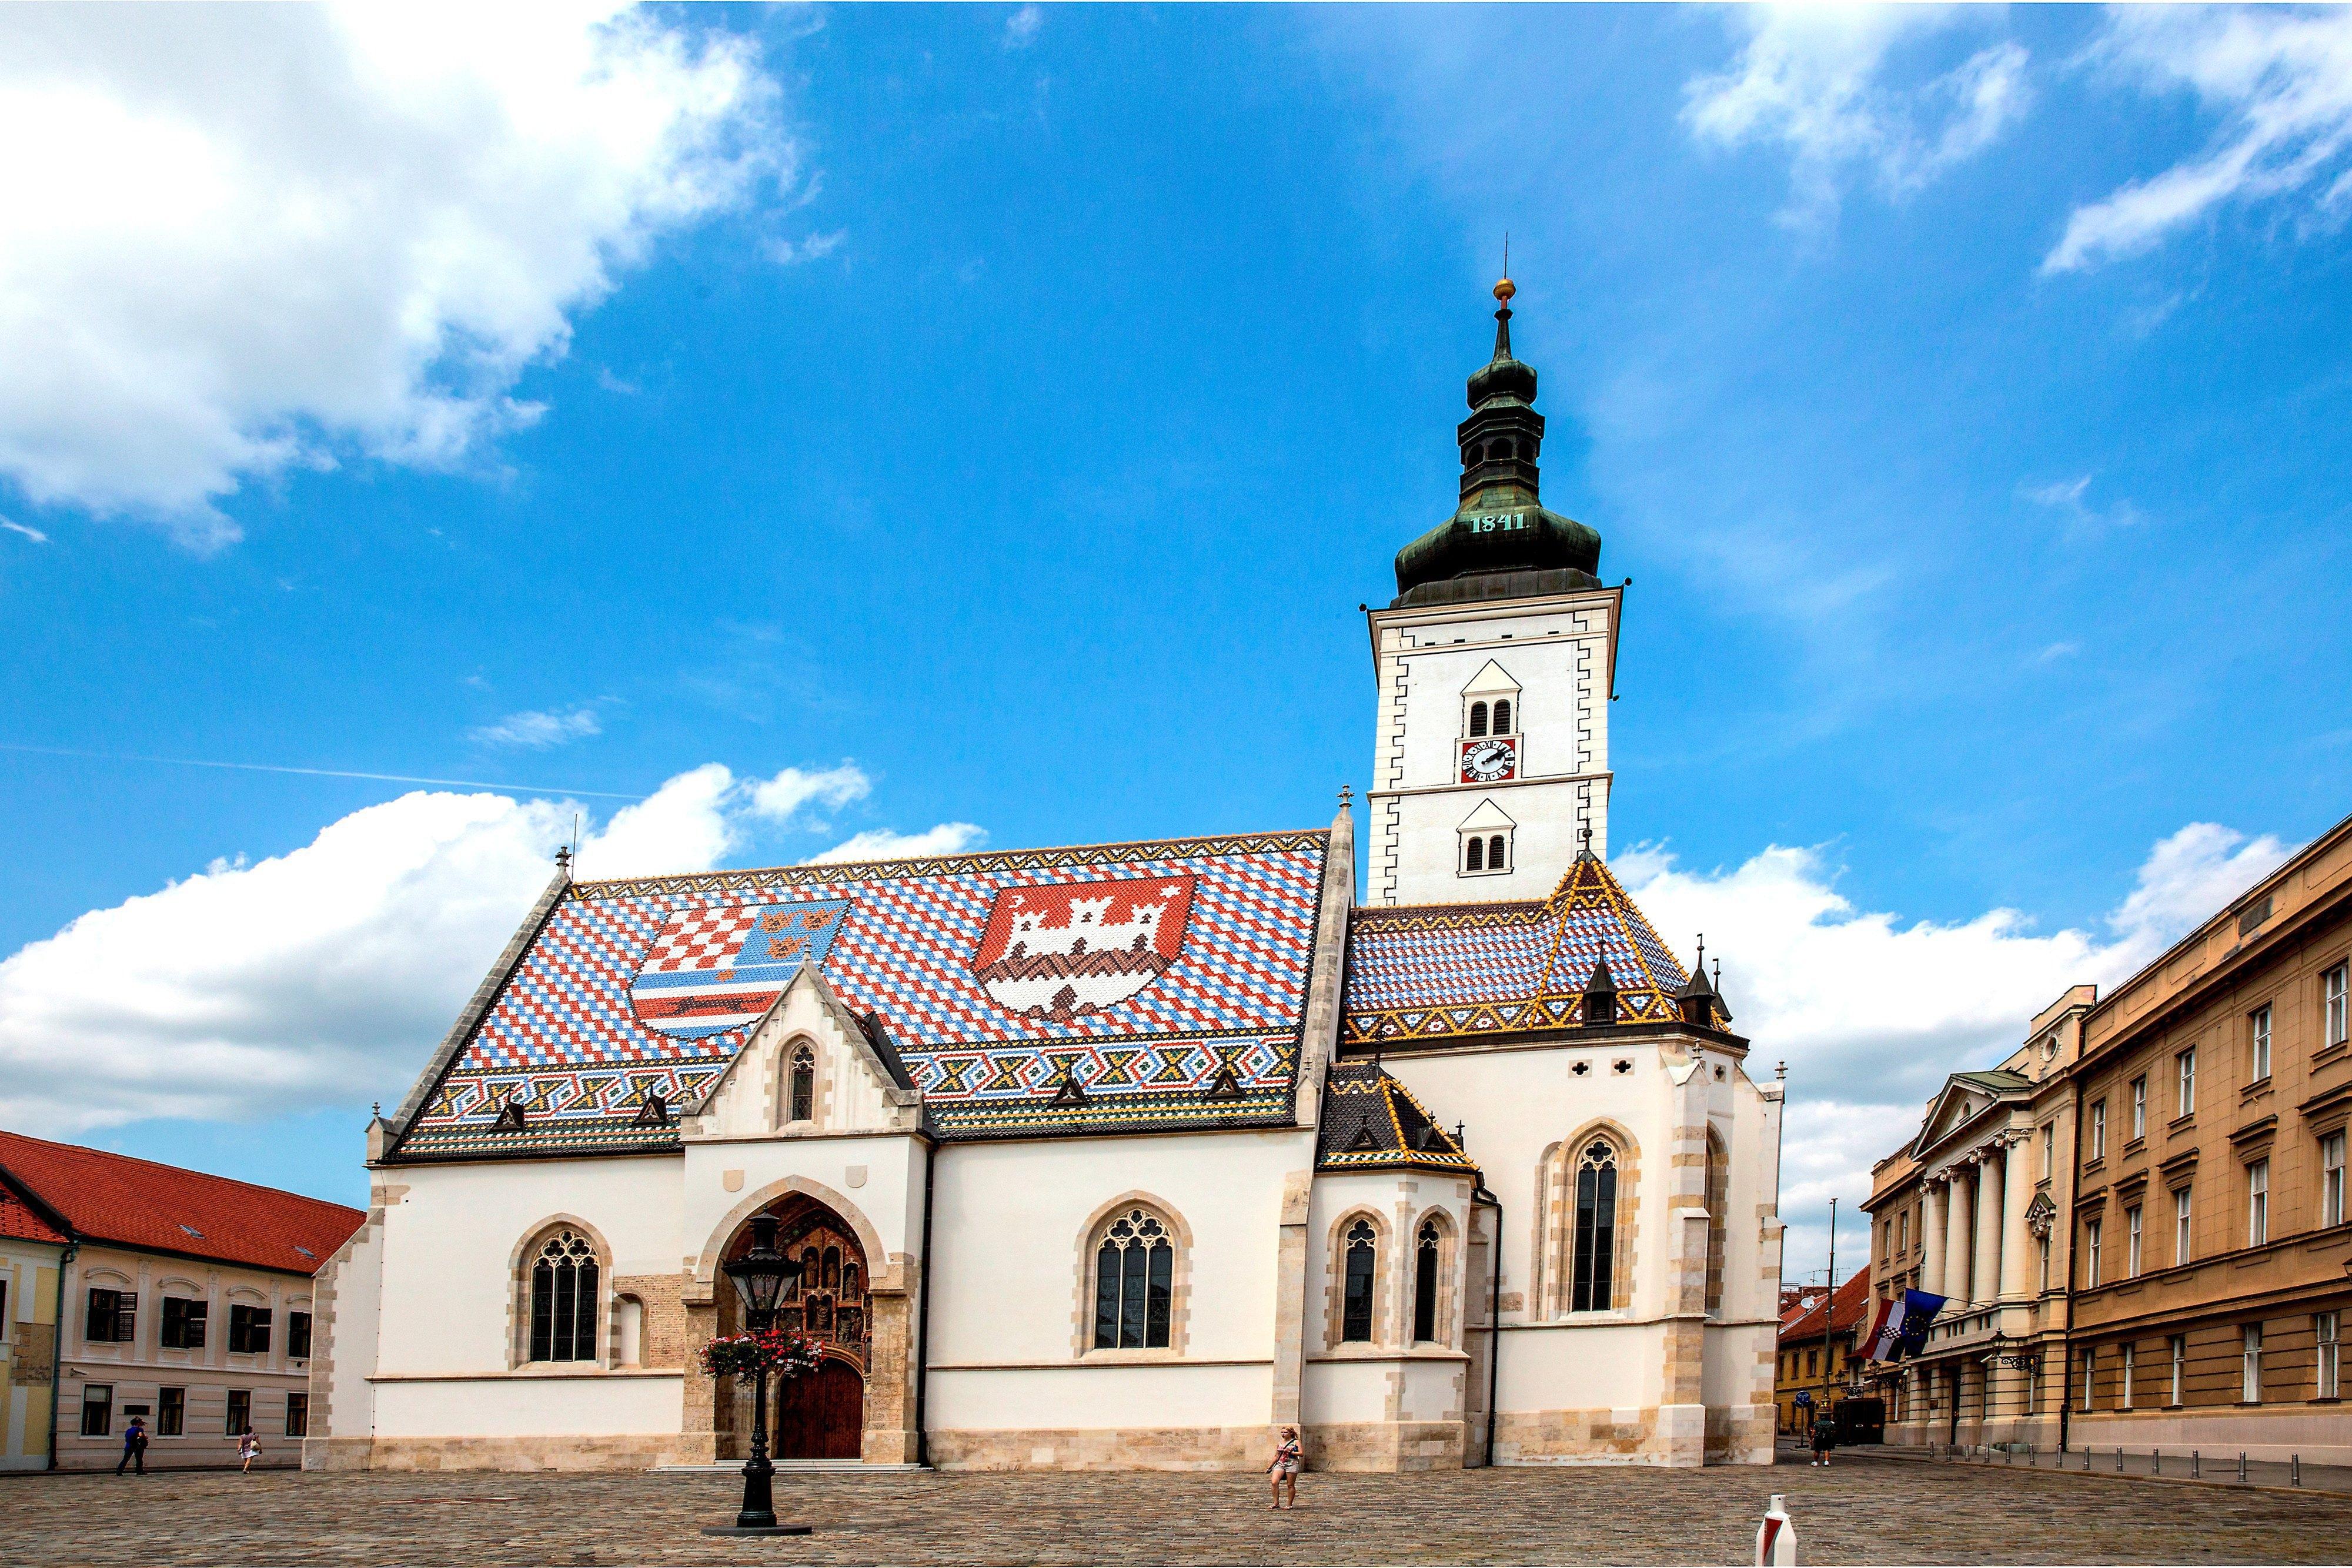 圣馬可教堂  St Mark's Church   -1